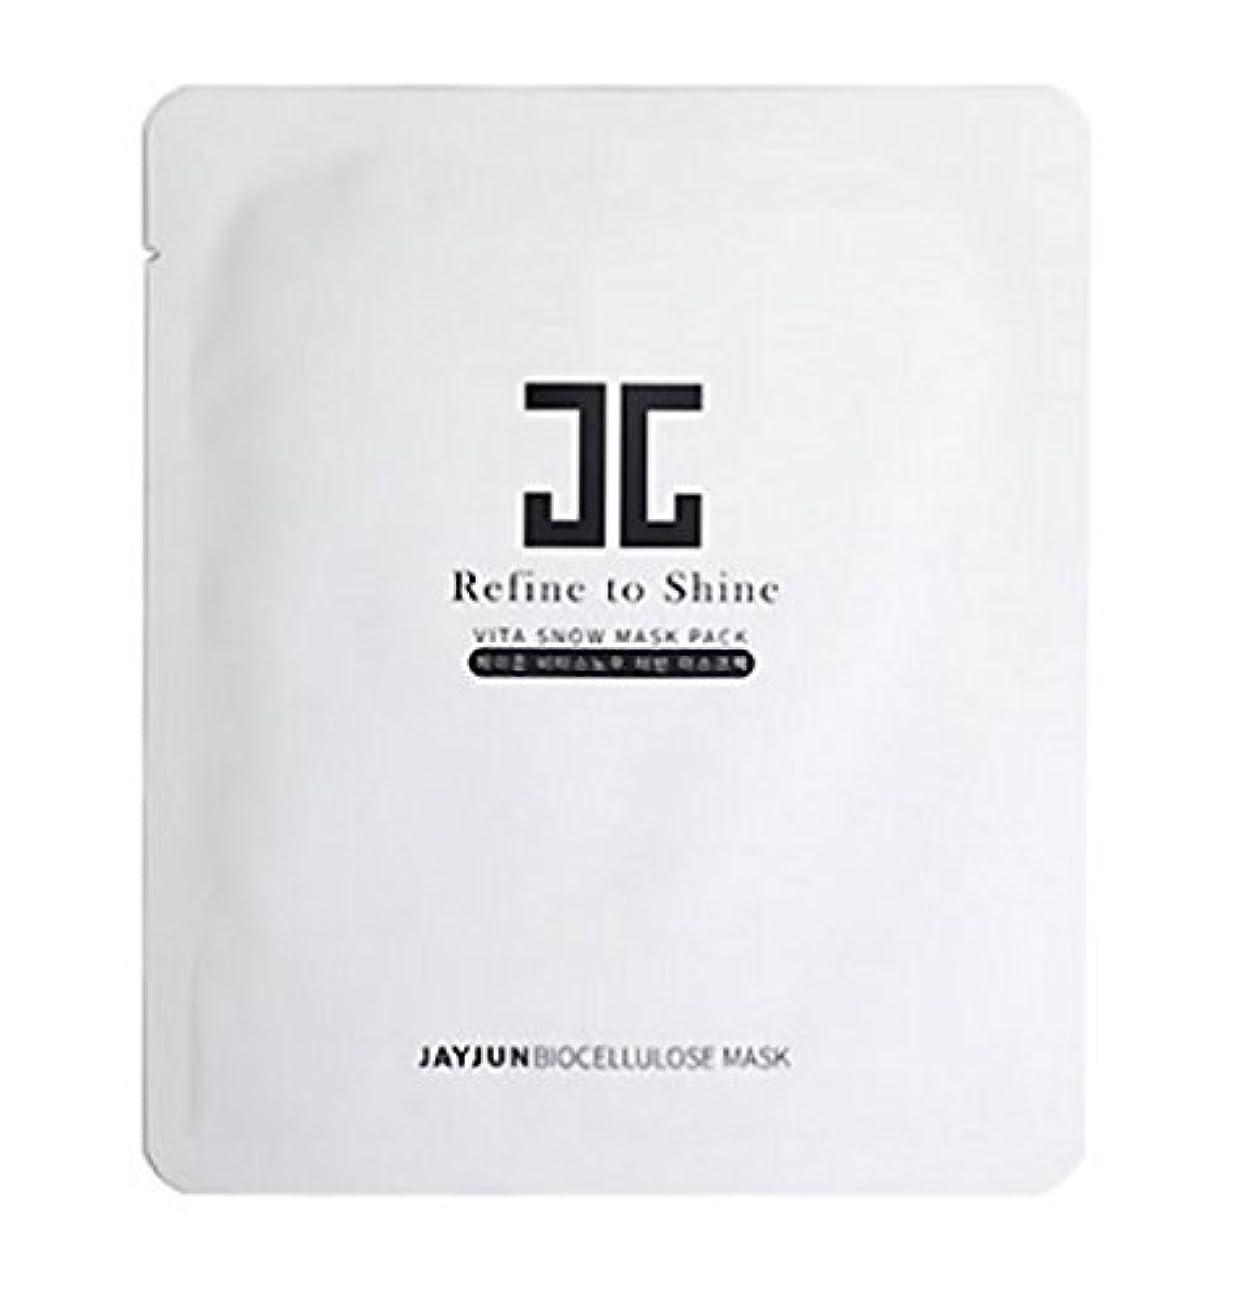 技術的な粘り強い満足させるJAYJUN ジェイジュン ヴィタスノー プレミアム バイオセルロース プラセンタフェイシャルマスク[5枚入り]Vita Snow Premium Bio Cellulose placenta Facial Mask [...